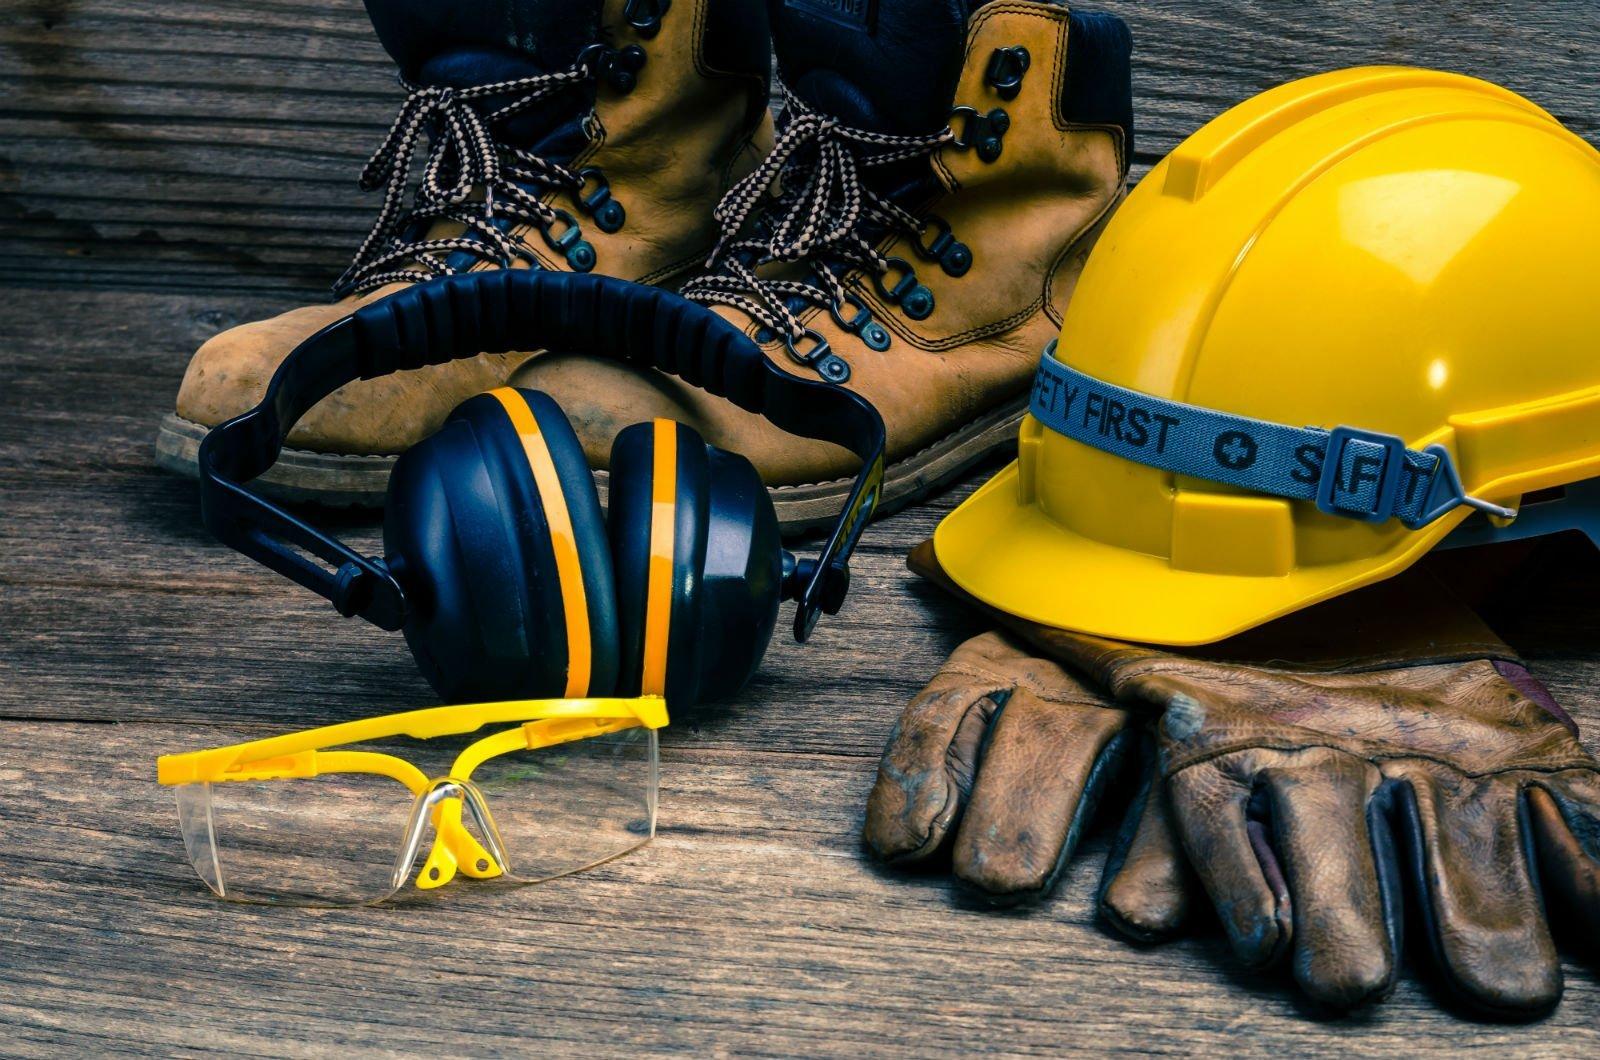 delle scarpe, un casco antinfortunistico e dei guanti di pelle